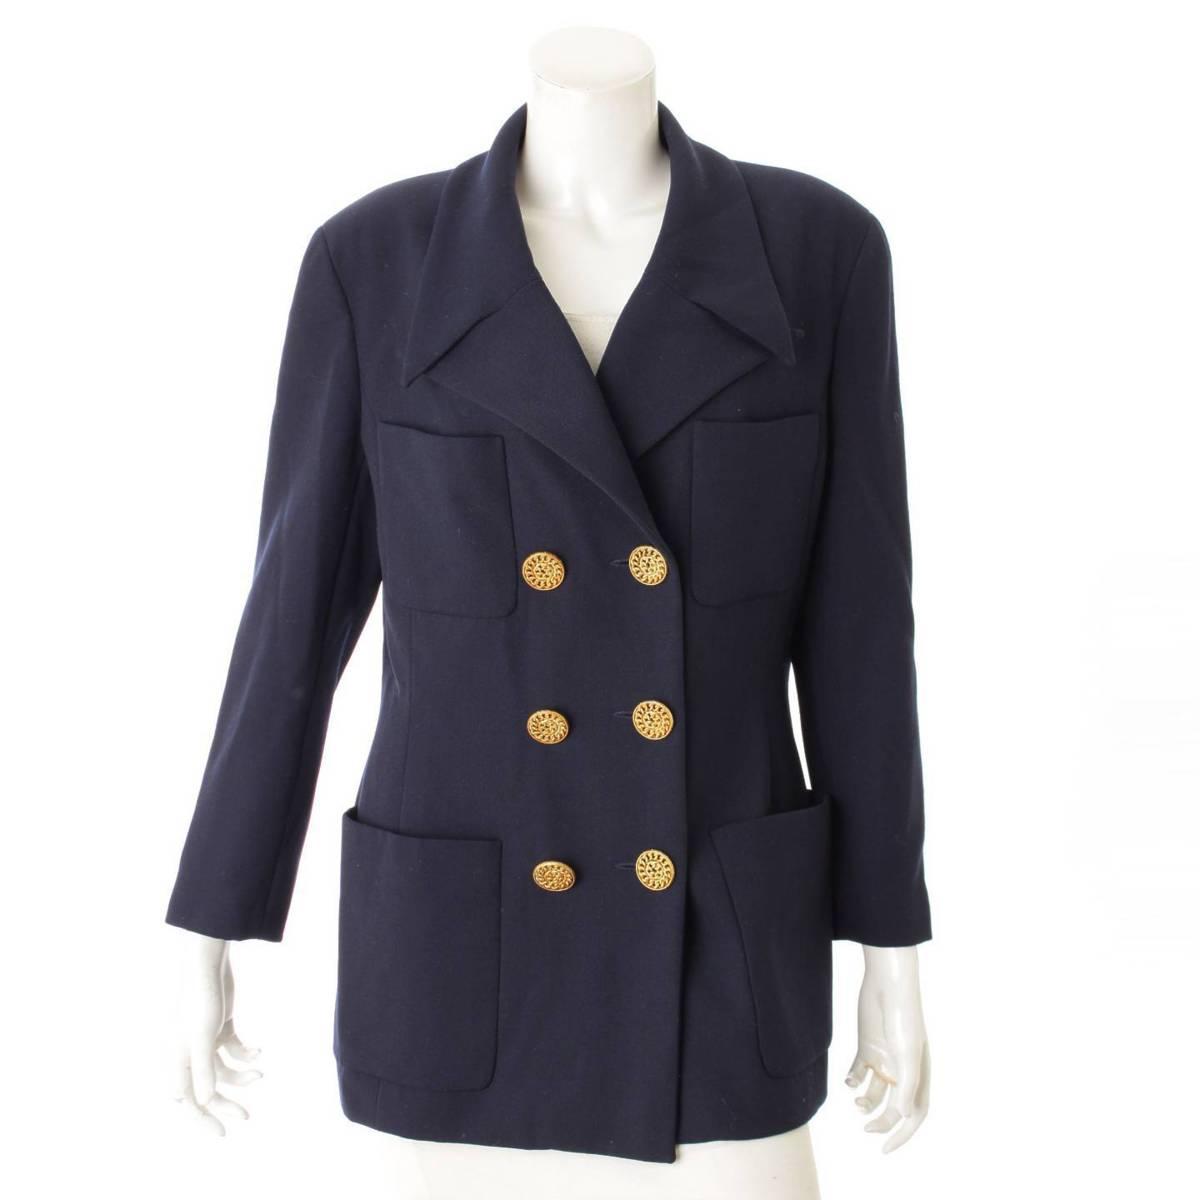 【シャネル】Chanel ヴィンテージ ダブルジャケットコート ネイビー 44 【中古】【鑑定済・正規品保証】83818